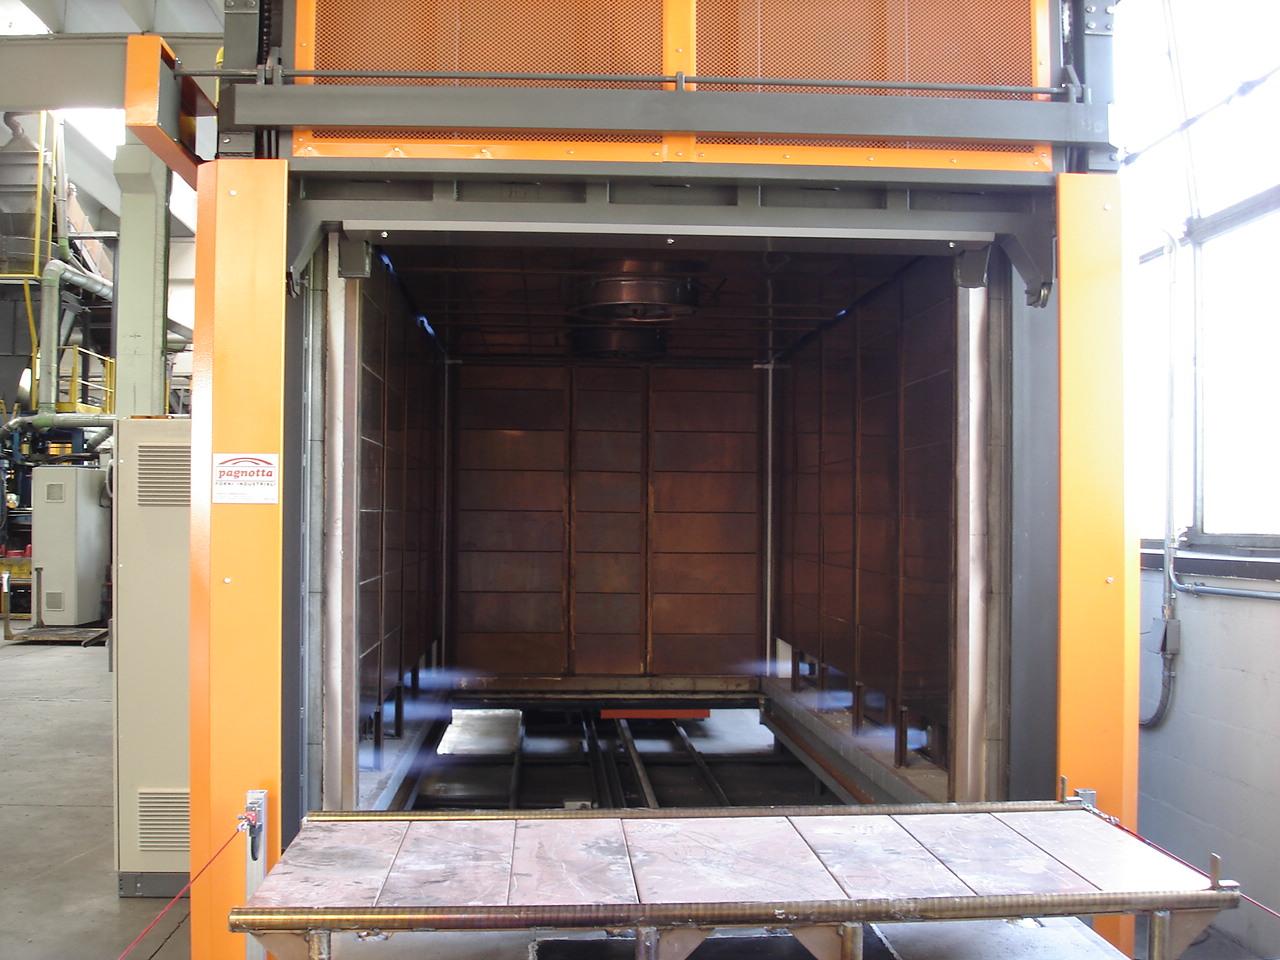 Forno industriale per Forno da sterratura a combustione | Pagnotta Termomeccanica